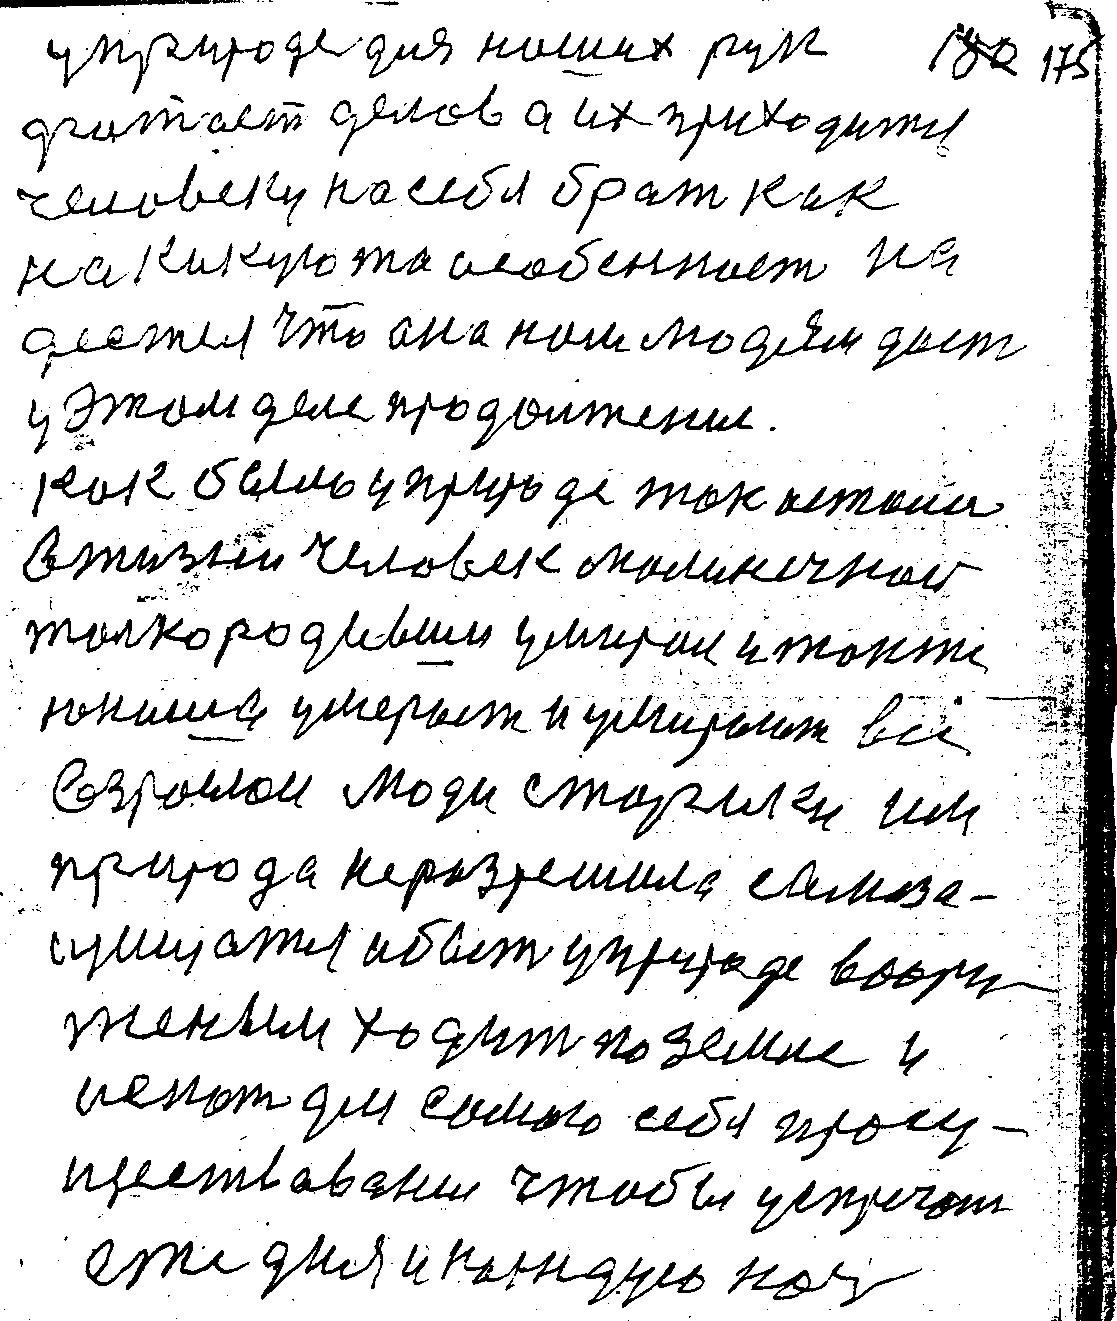 Str175.jpg